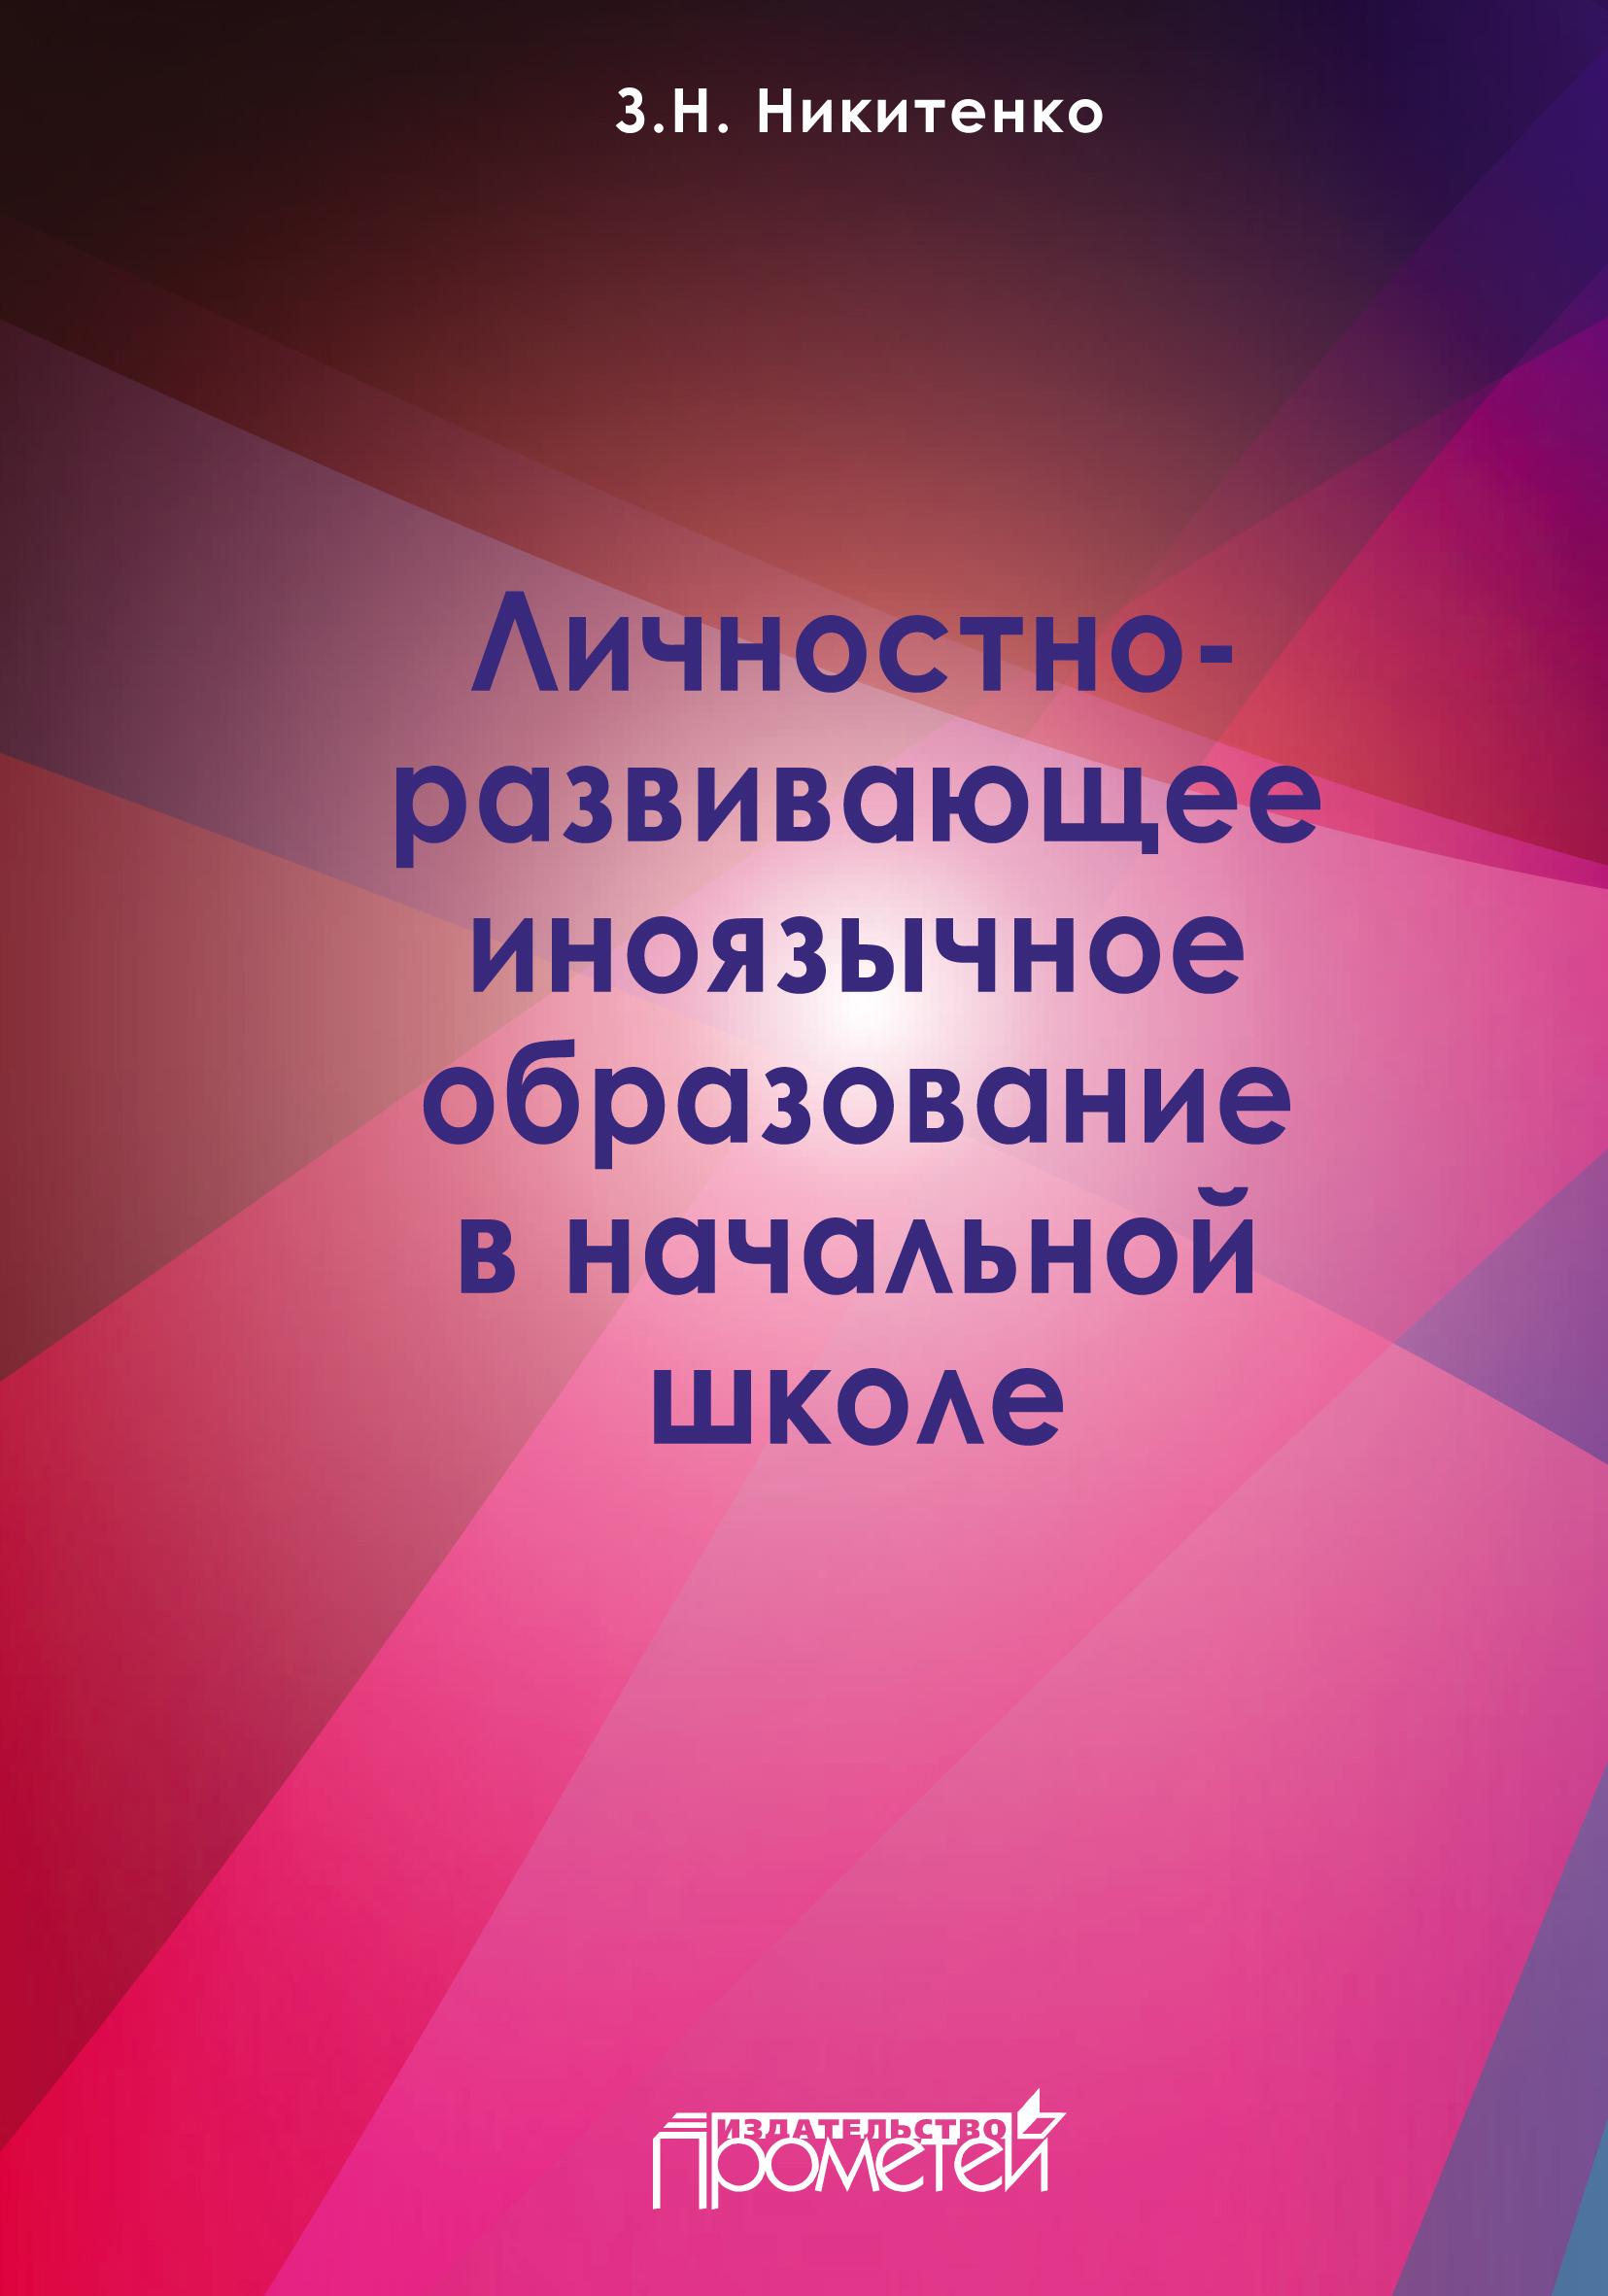 З. Н. Никитенко Личностно-развивающее иноязычное образование в начальной школе